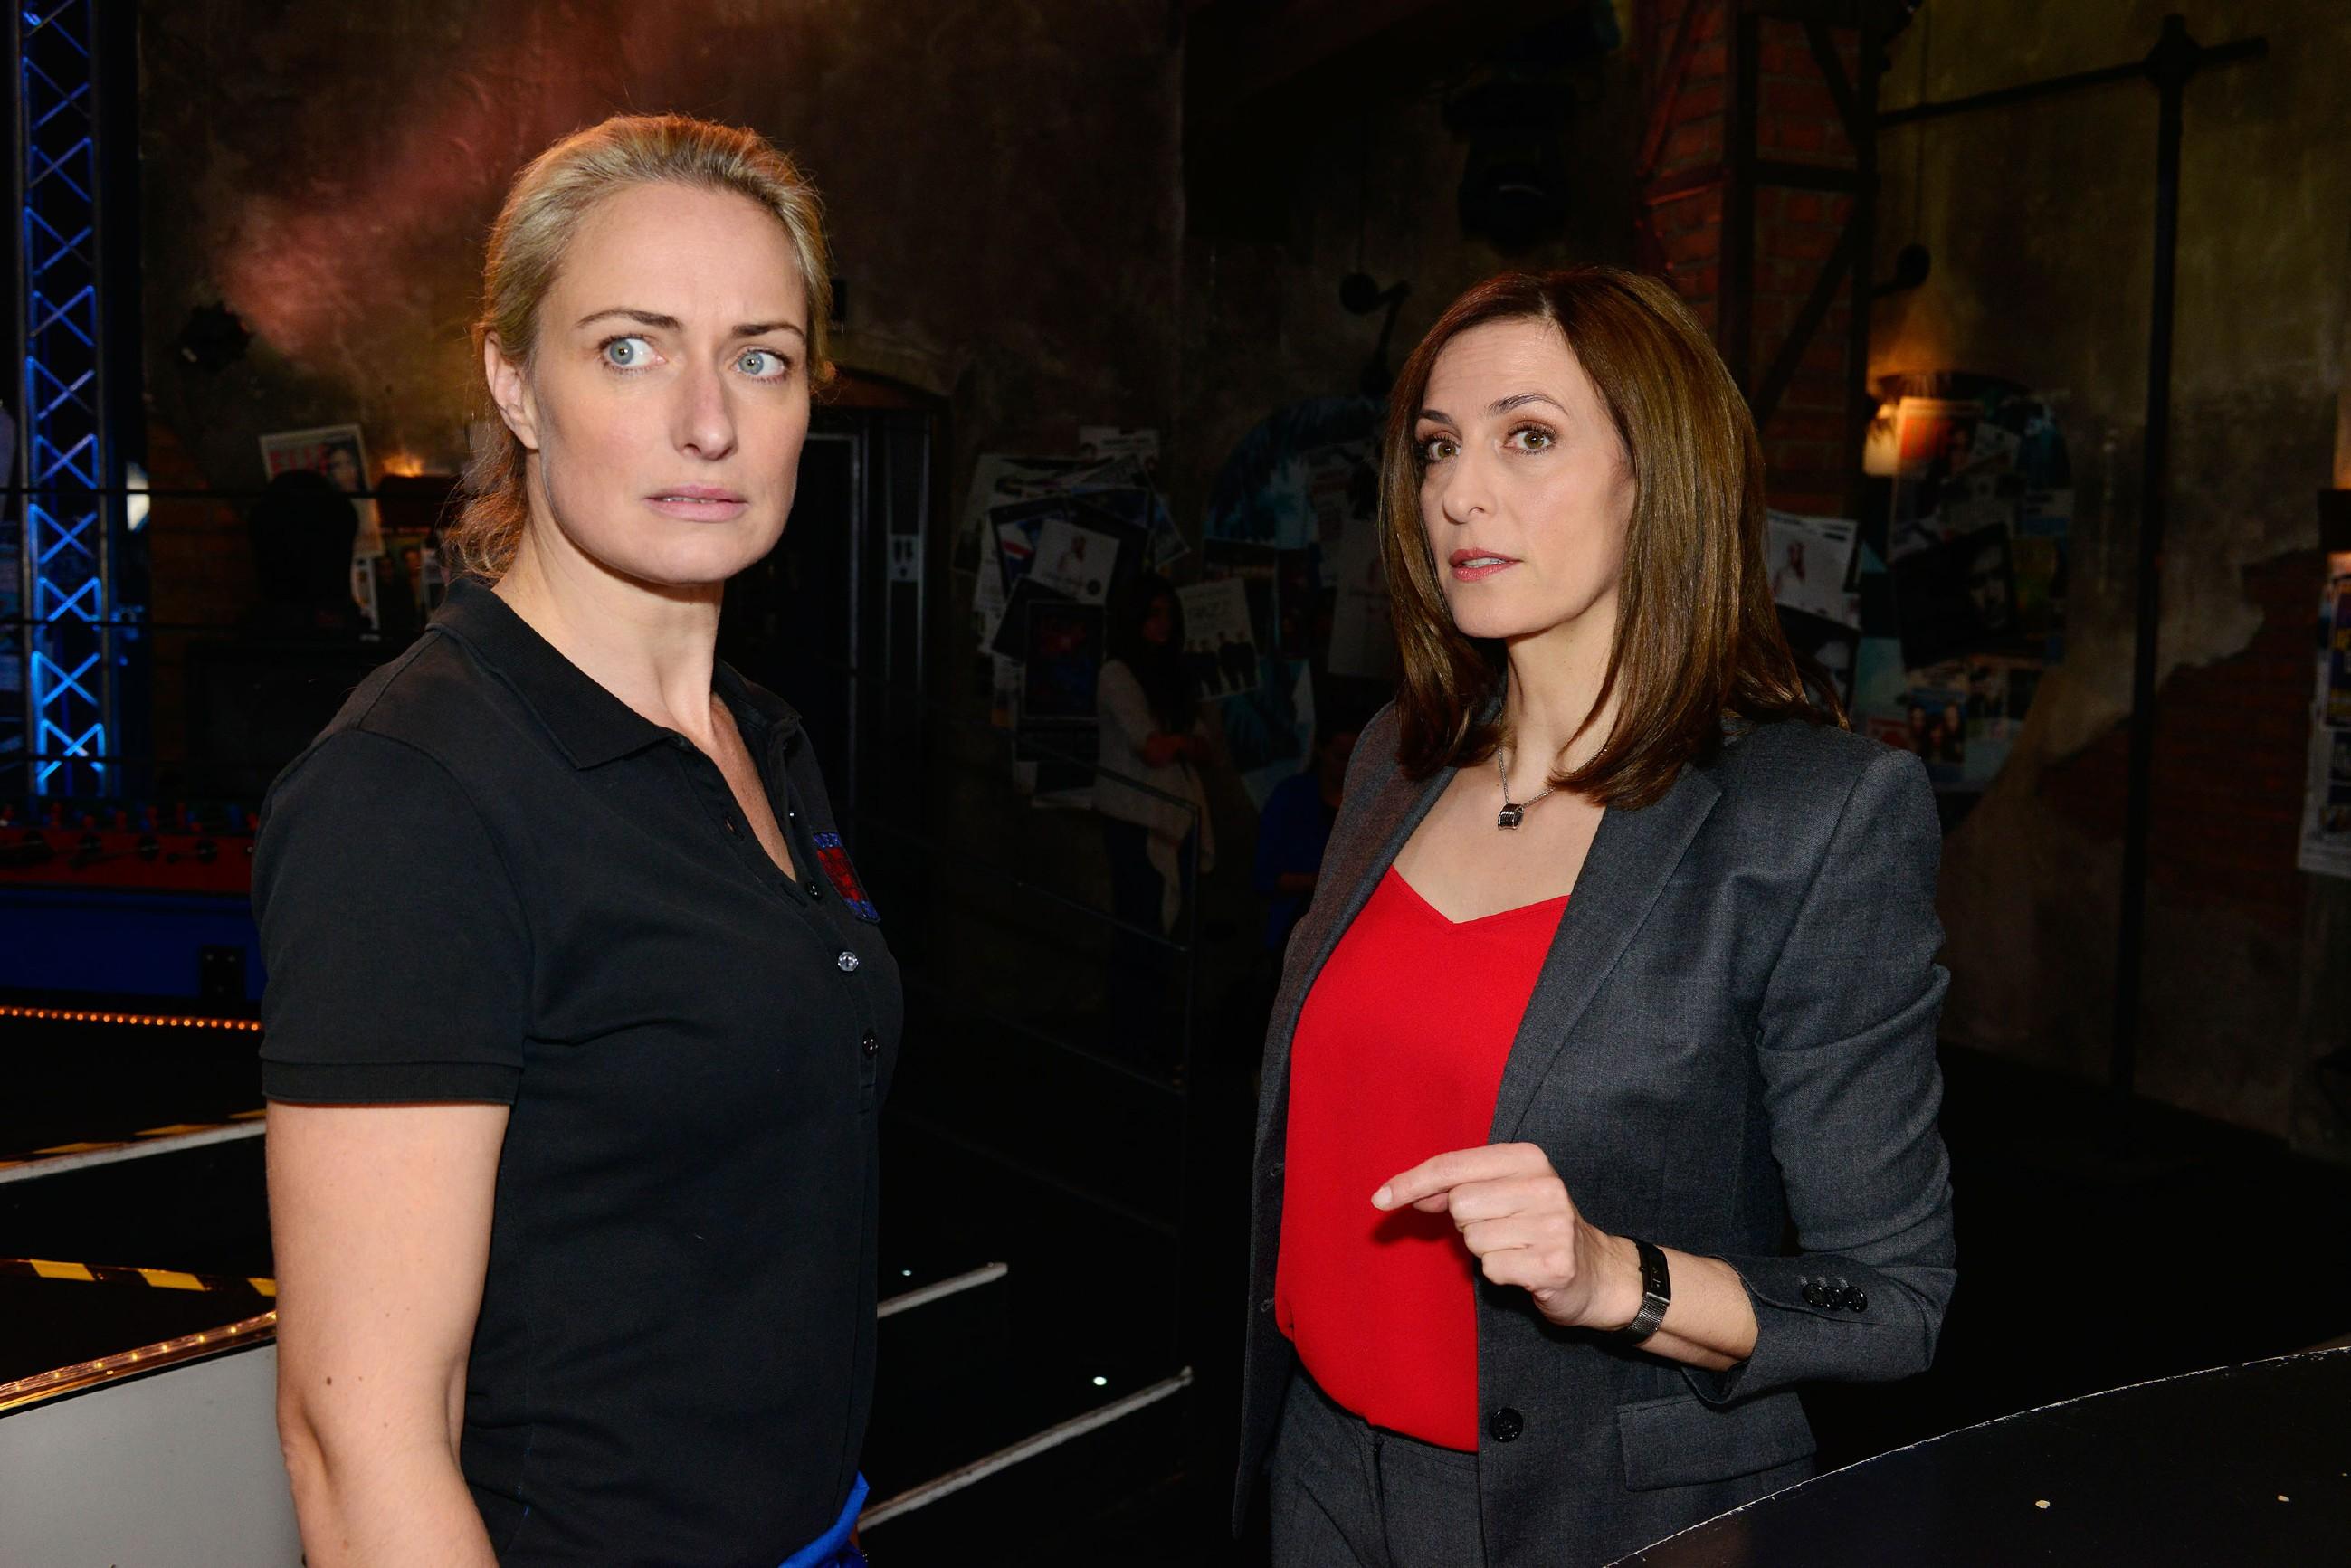 Katrin (Ulrike Frank, r.) versichert Frederics Schwester Jana (Julia Bähre), dass sie nichts über das Verschwinden von Frederic weiß. (Quelle: RTL / Rolf Baumgartner)